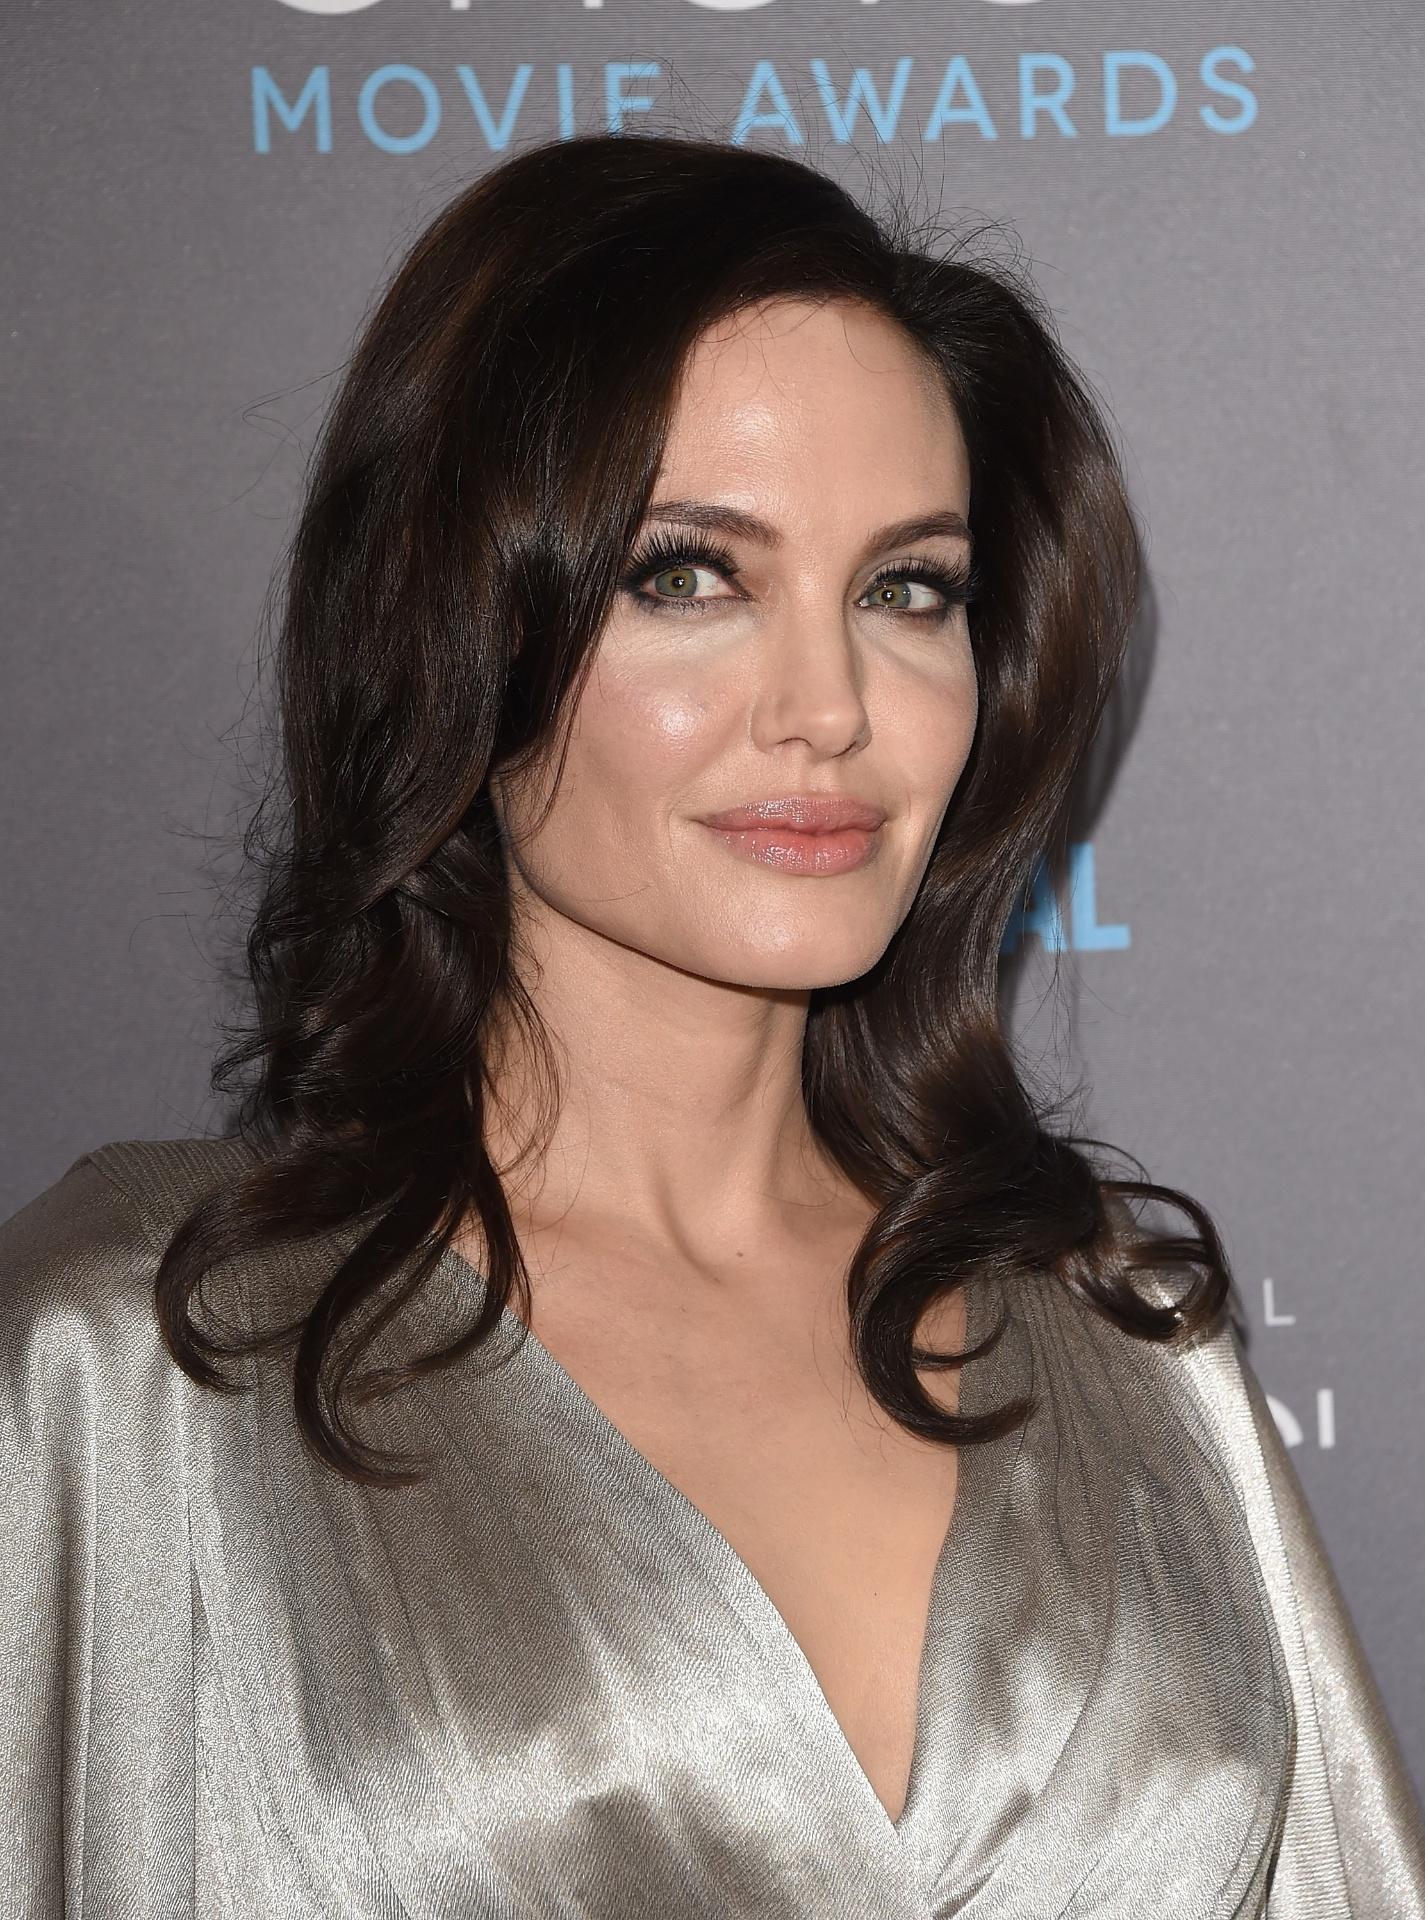 cc95bc810 Cirurgia de Angelina para evitar câncer leva à menopausa e queda da libido  - 24 03 2015 - UOL Notícias